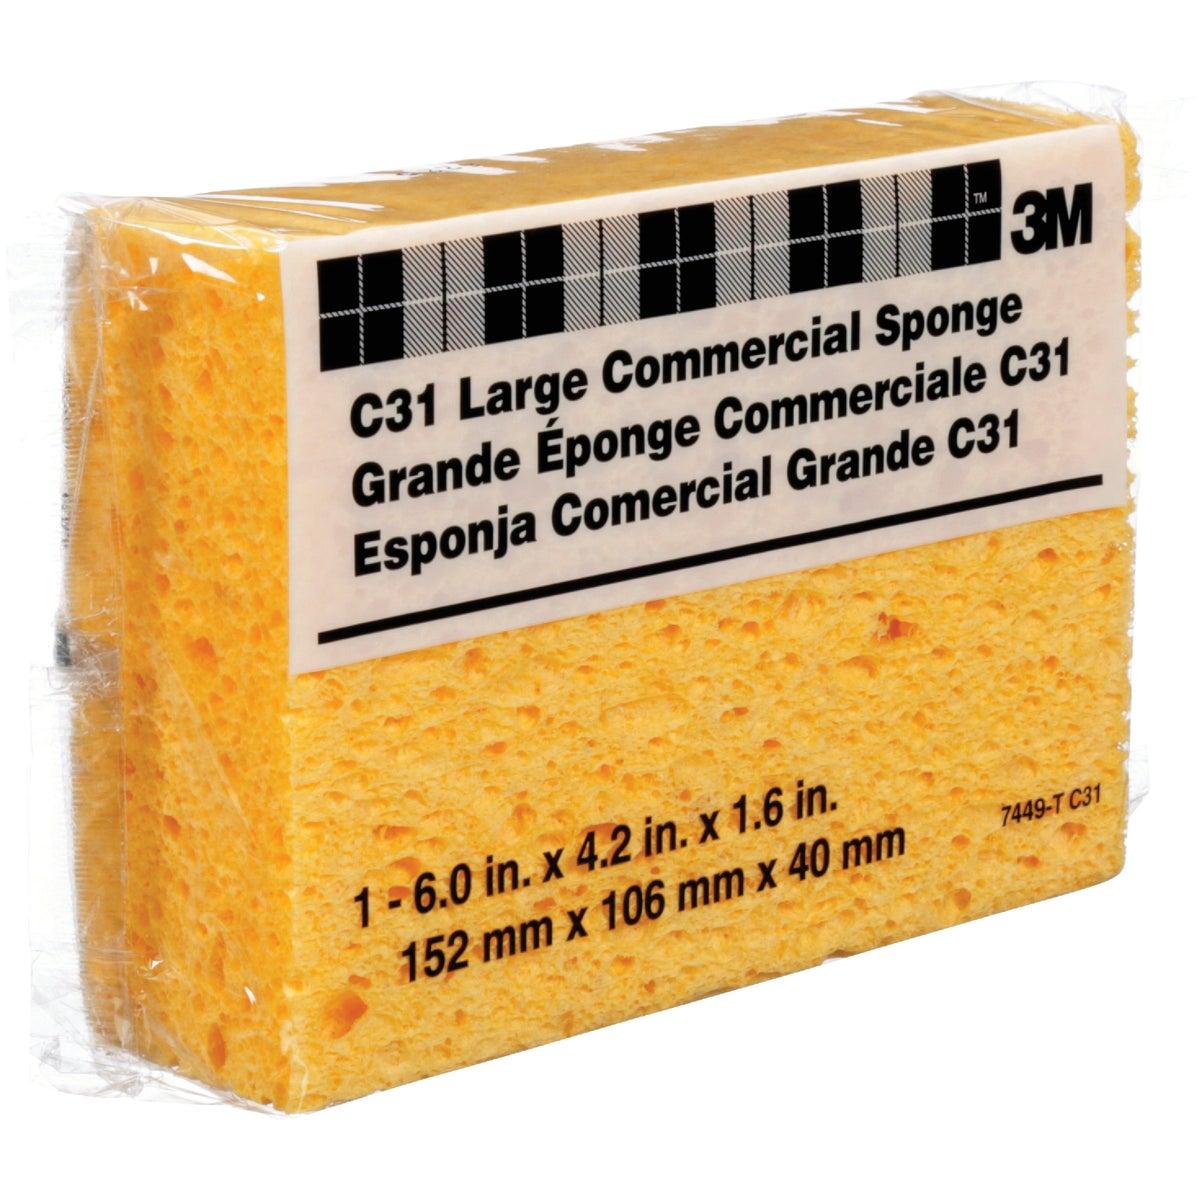 3M 6 In. x 4.25 In. Yellow Sponge